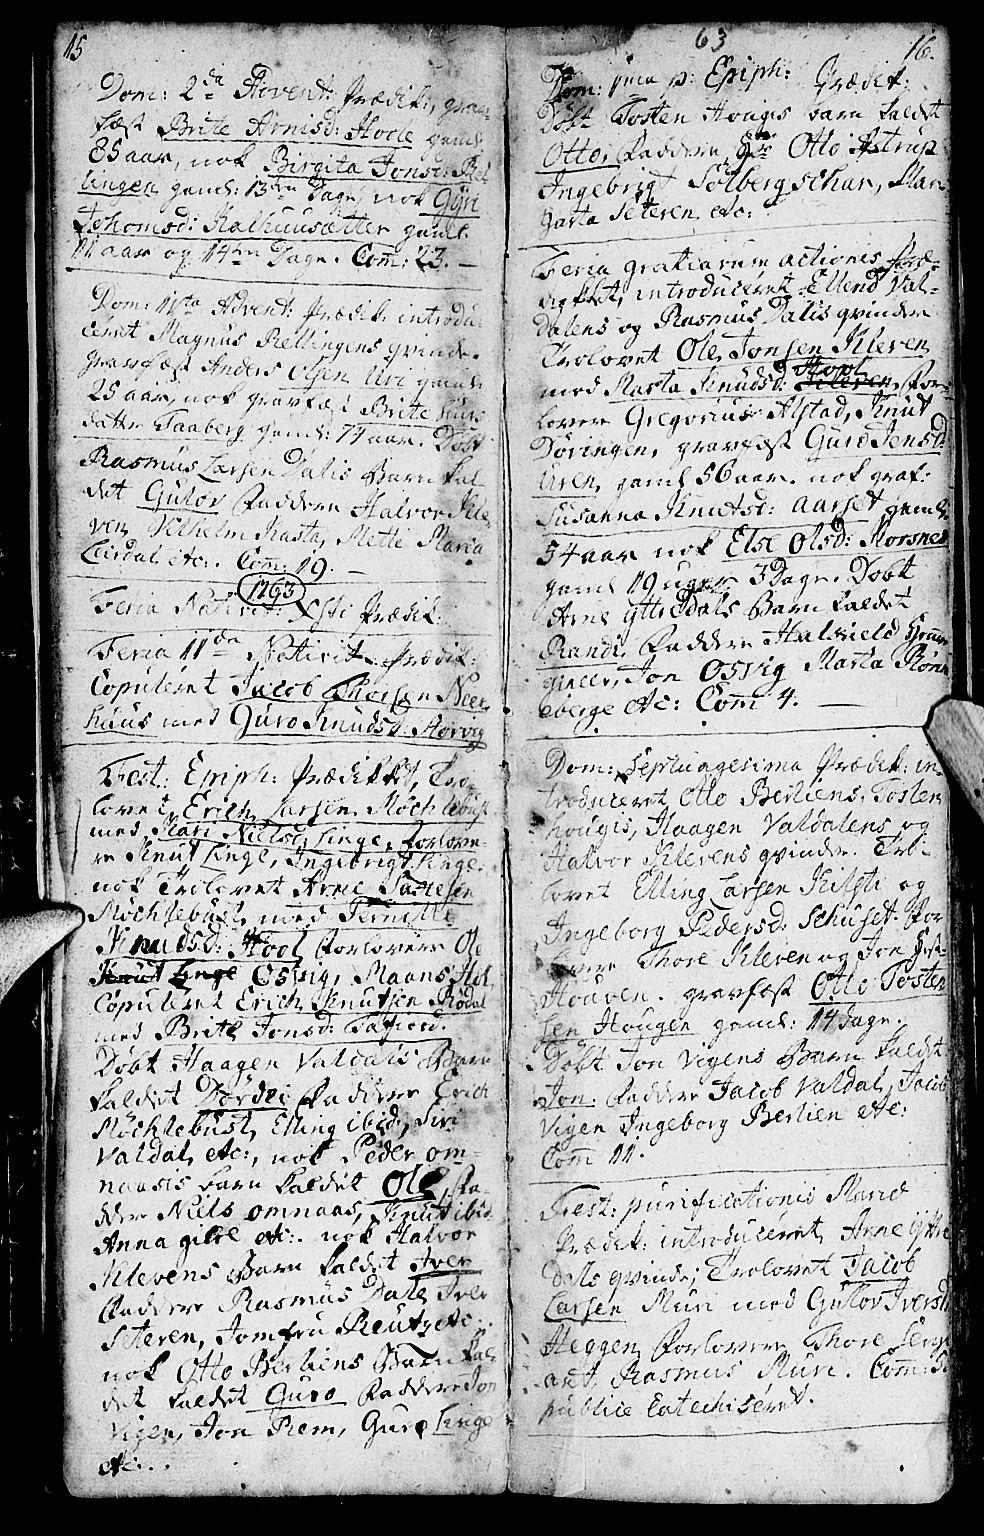 SAT, Ministerialprotokoller, klokkerbøker og fødselsregistre - Møre og Romsdal, 519/L0243: Ministerialbok nr. 519A02, 1760-1770, s. 15-16